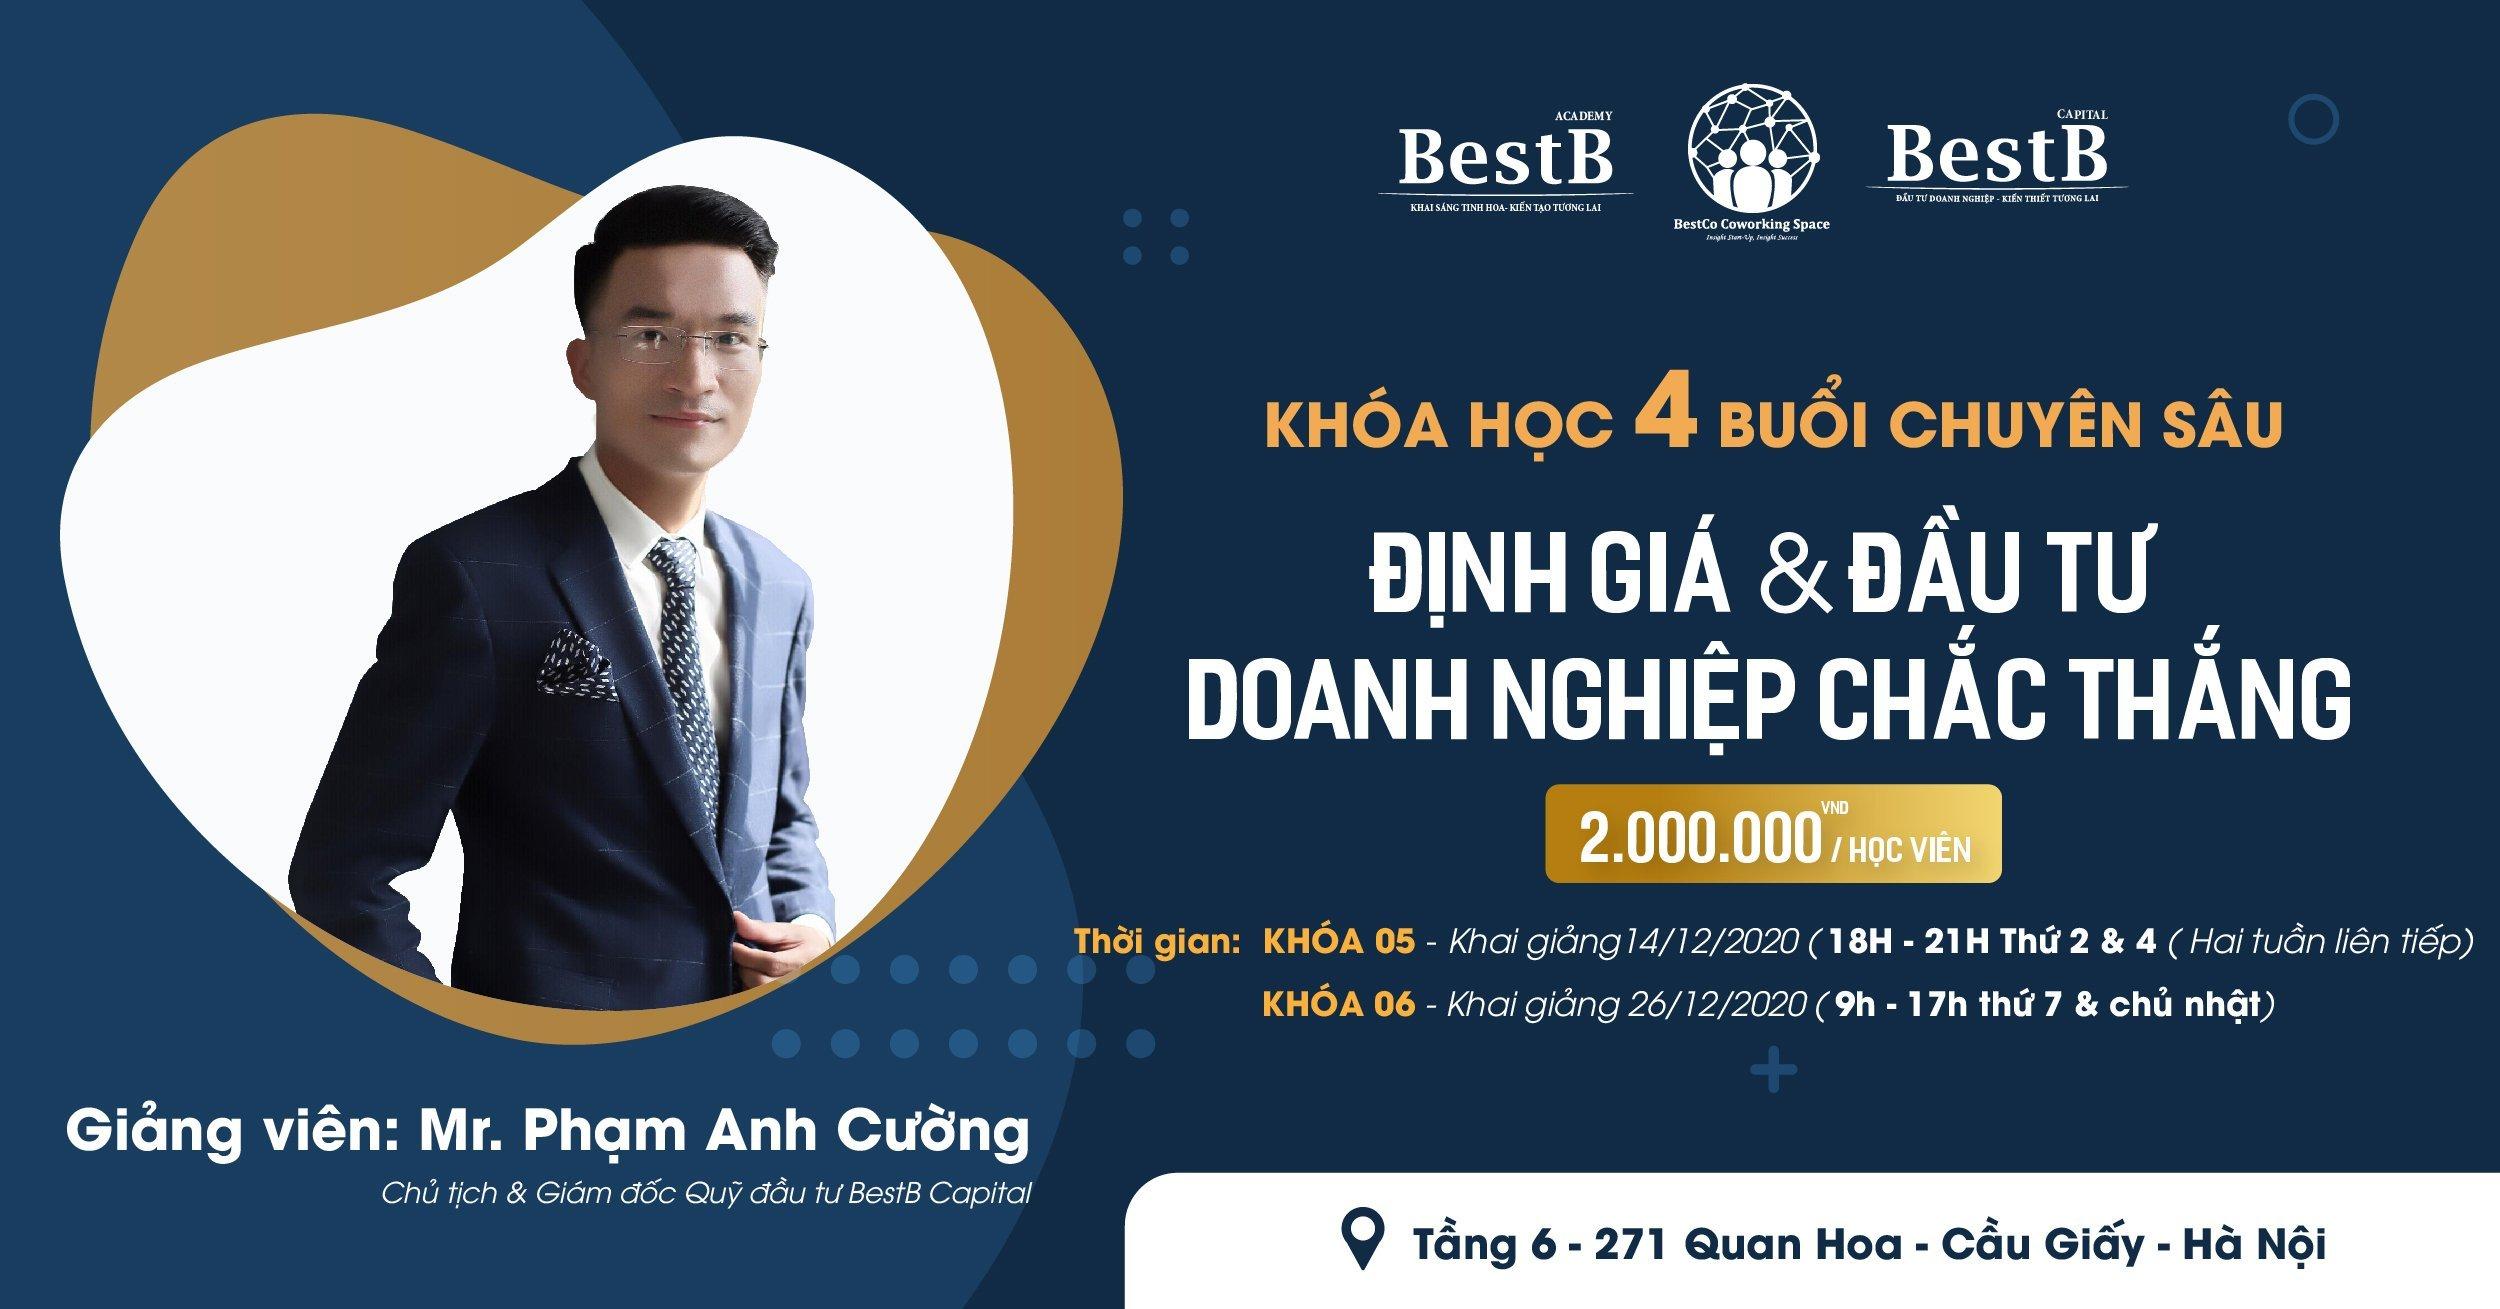 Khóa học định giá và đầu tư doanh nghiệp được tổ chức bởi BestB Capital